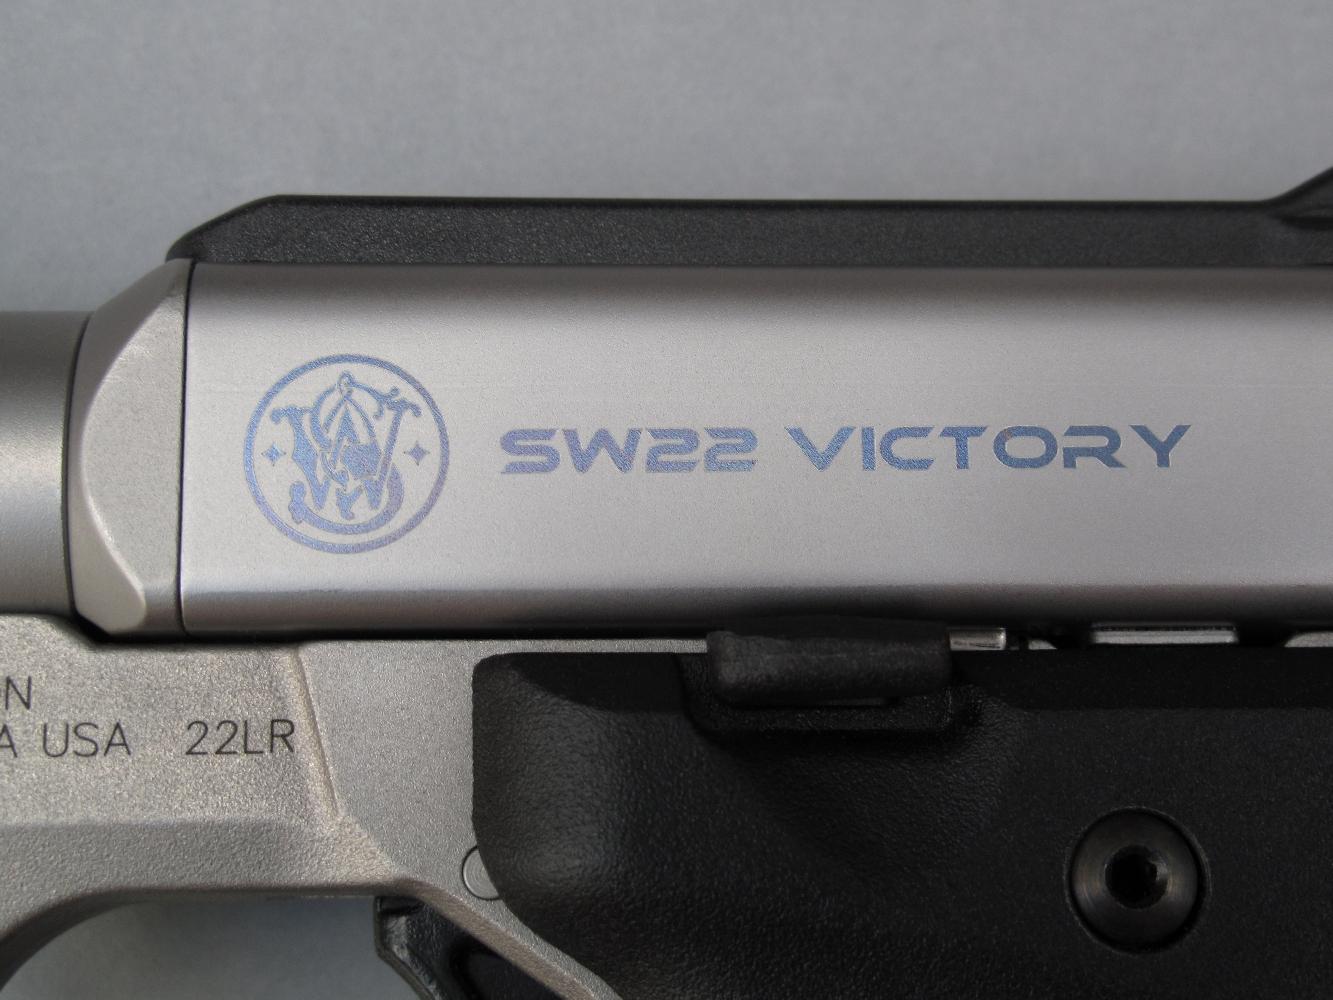 Le sigle de la firme américaine et le nom du modèle figurent sur le côté gauche du boîtier de culasse, finement gravés au laser et soulignés par une discrète peinture bleue métallisée.